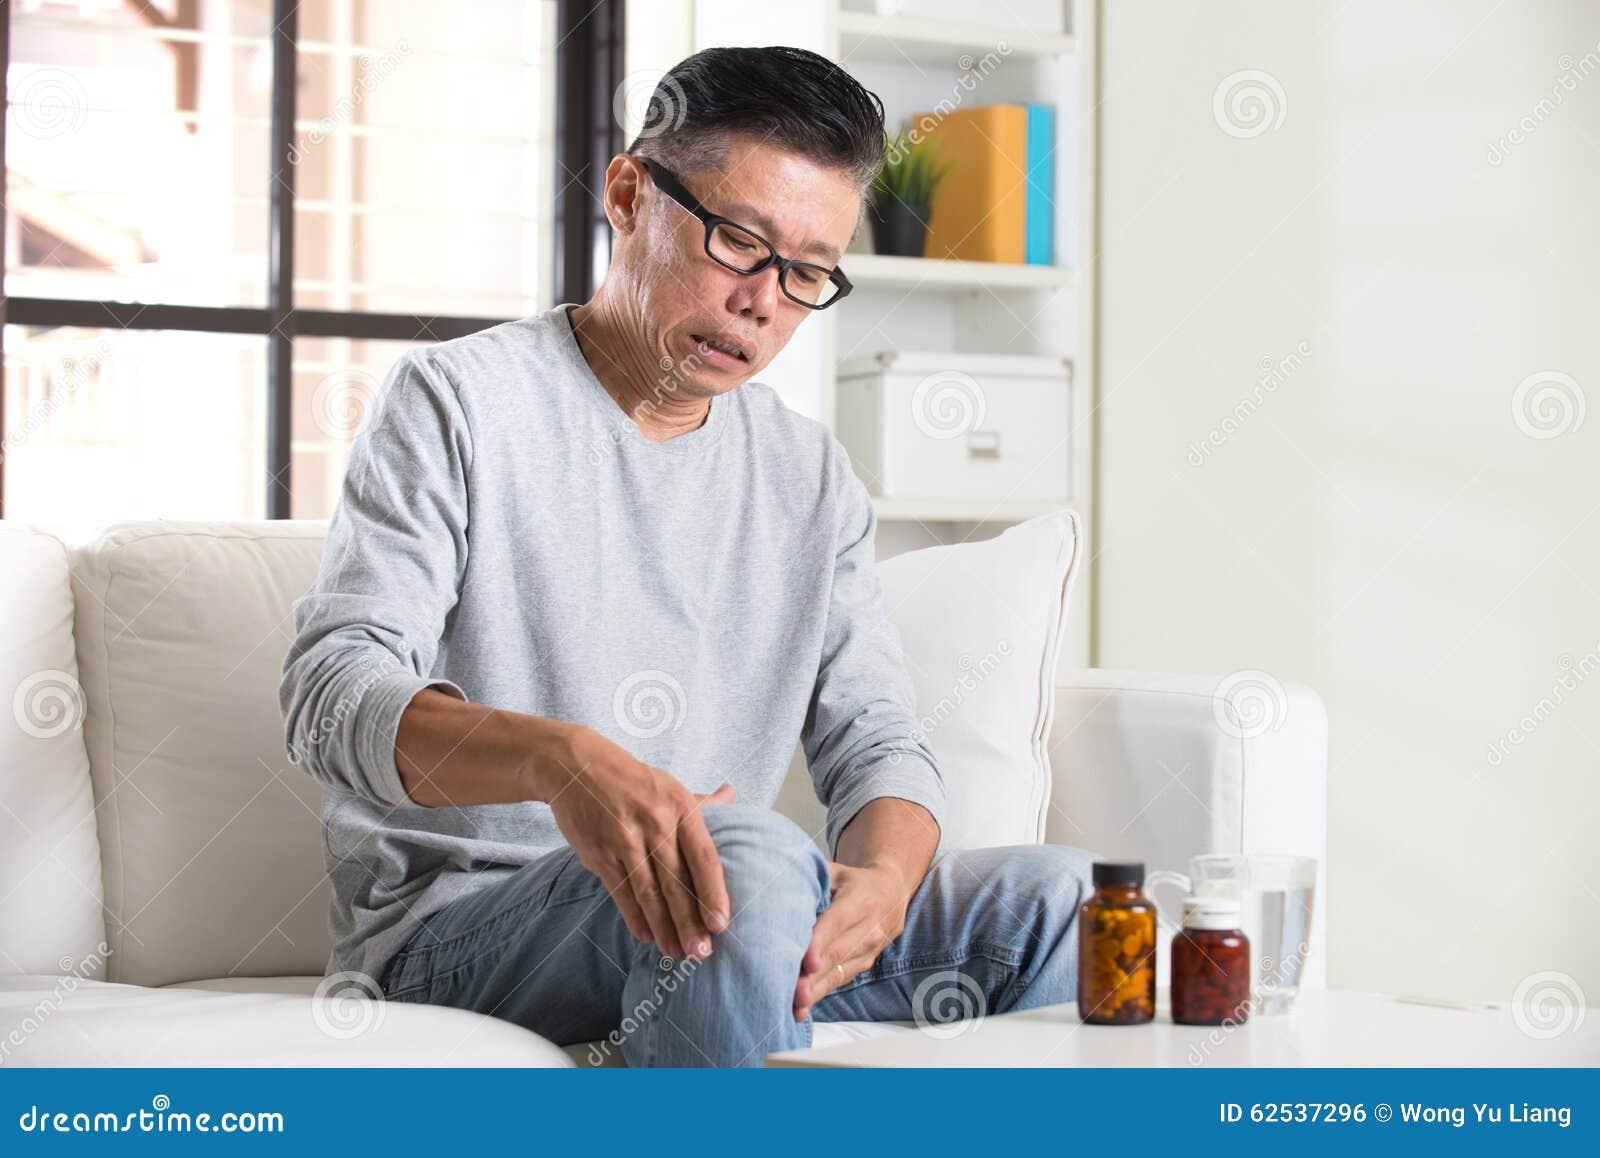 充满膝盖痛苦的亚裔前辈